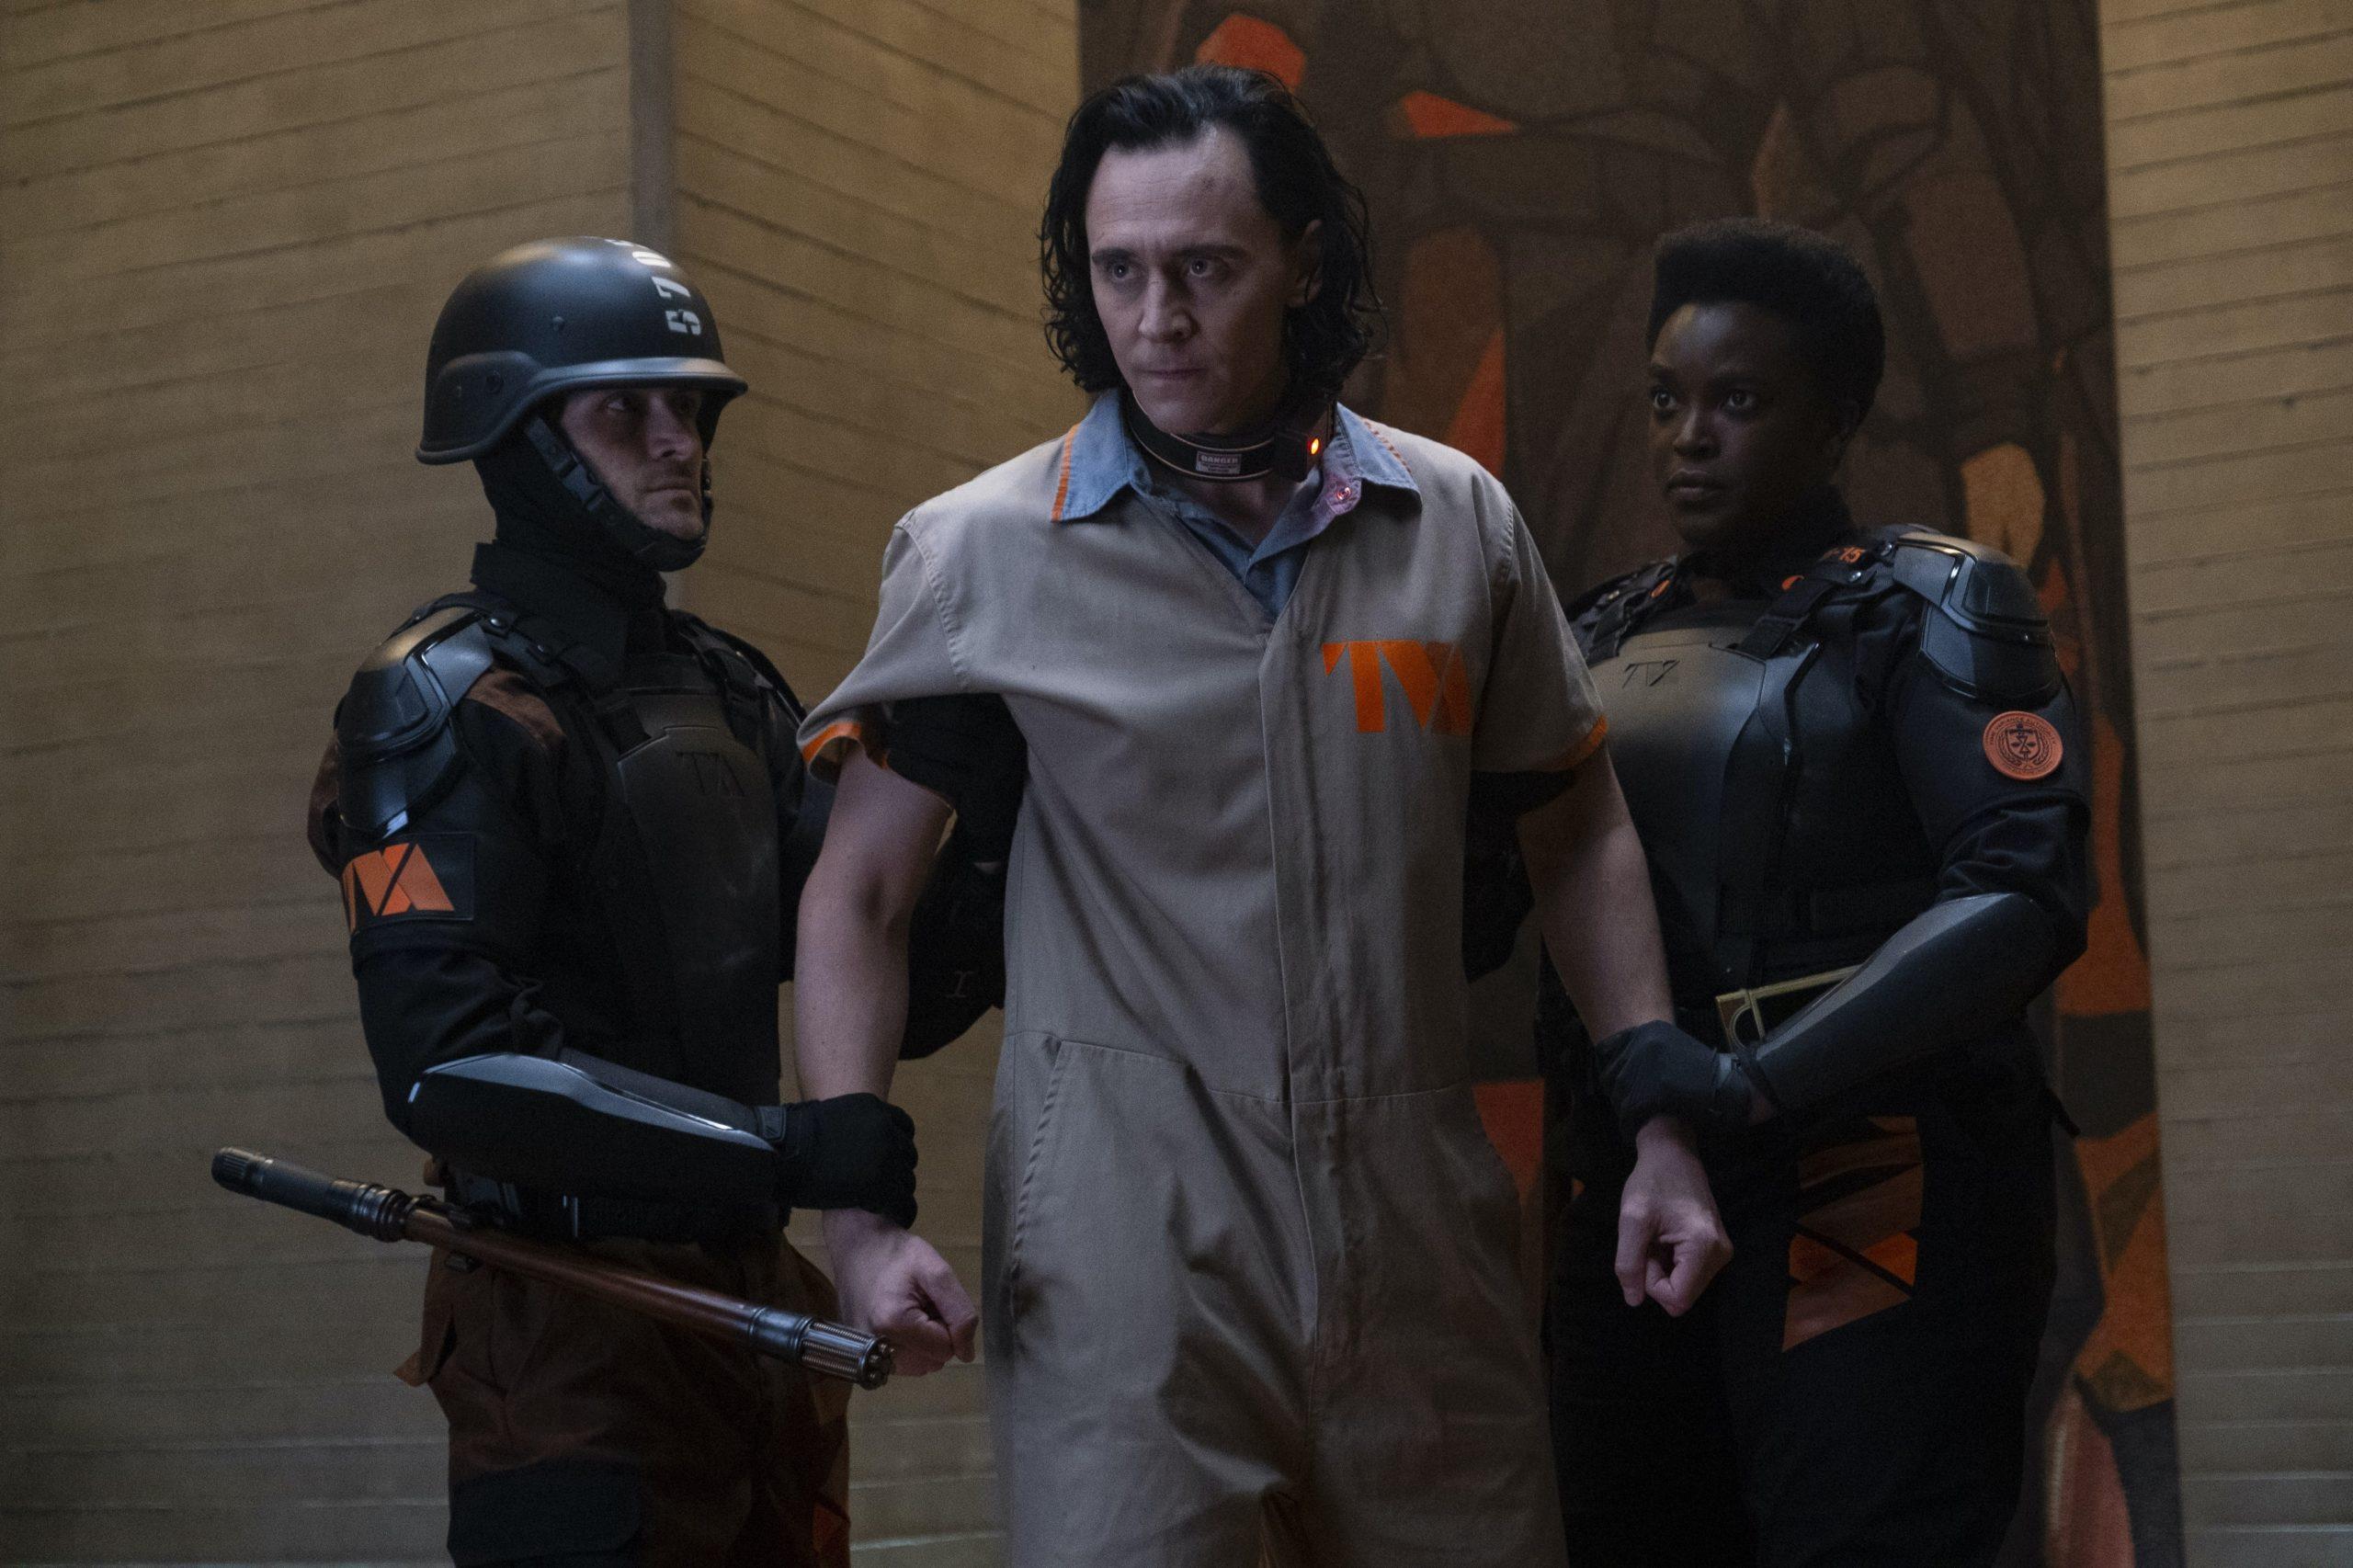 Loki prisonnier de la TVA